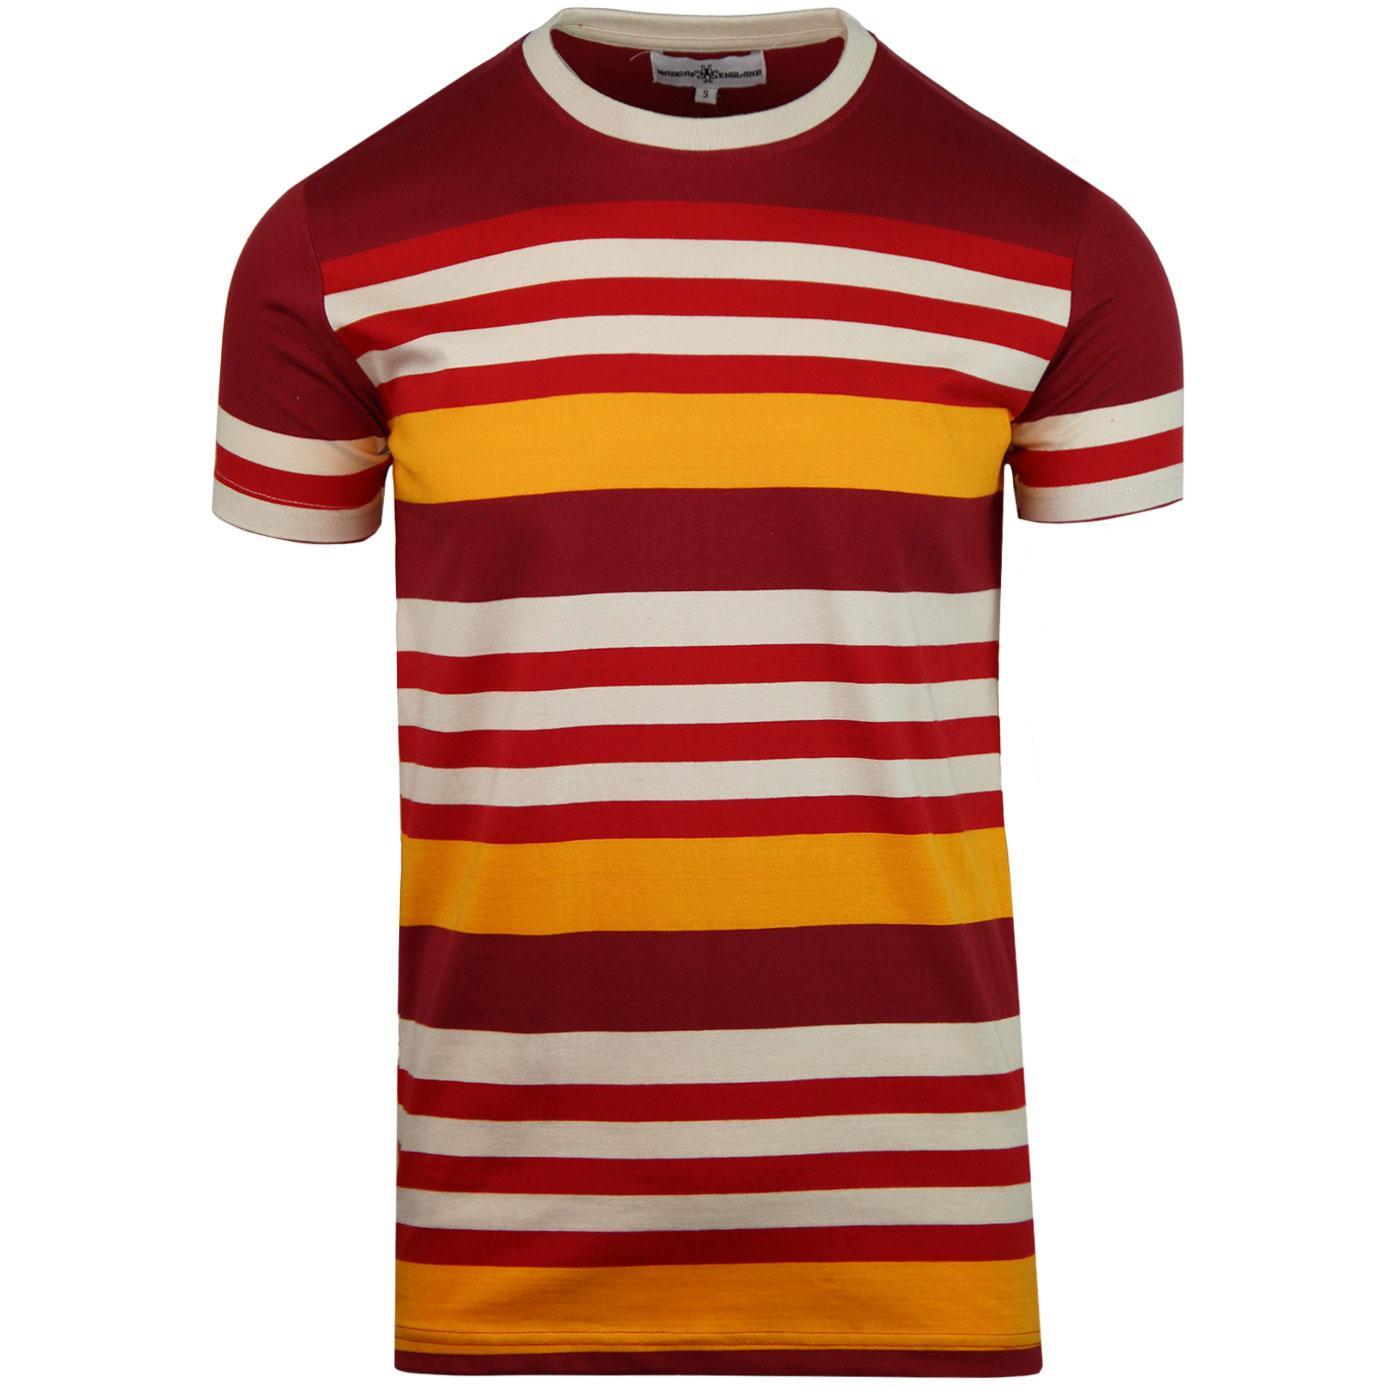 Cosmo MADCAP ENGLAND Retro 70s Stripe T-shirt (R)